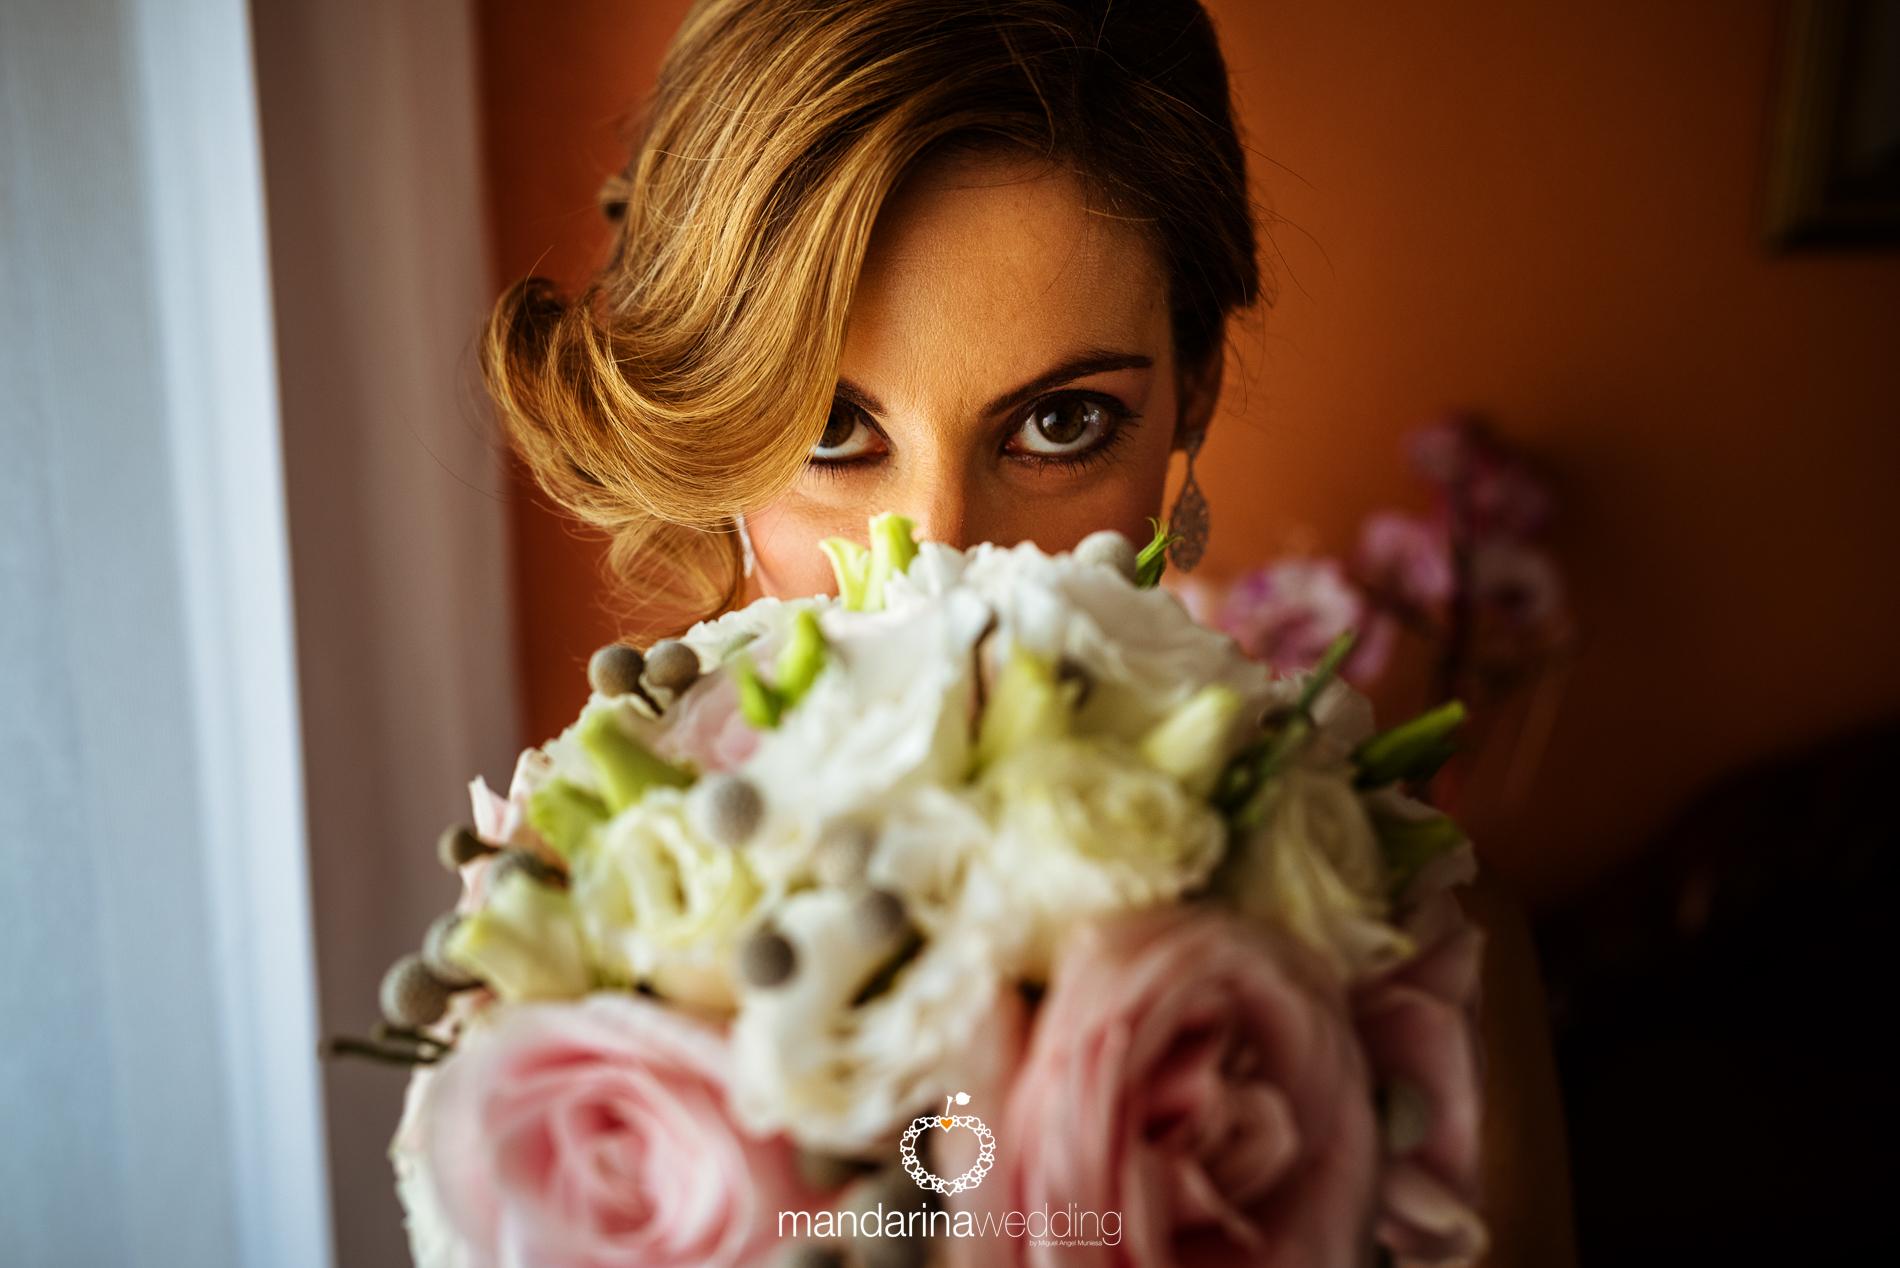 mandarina wedding_15